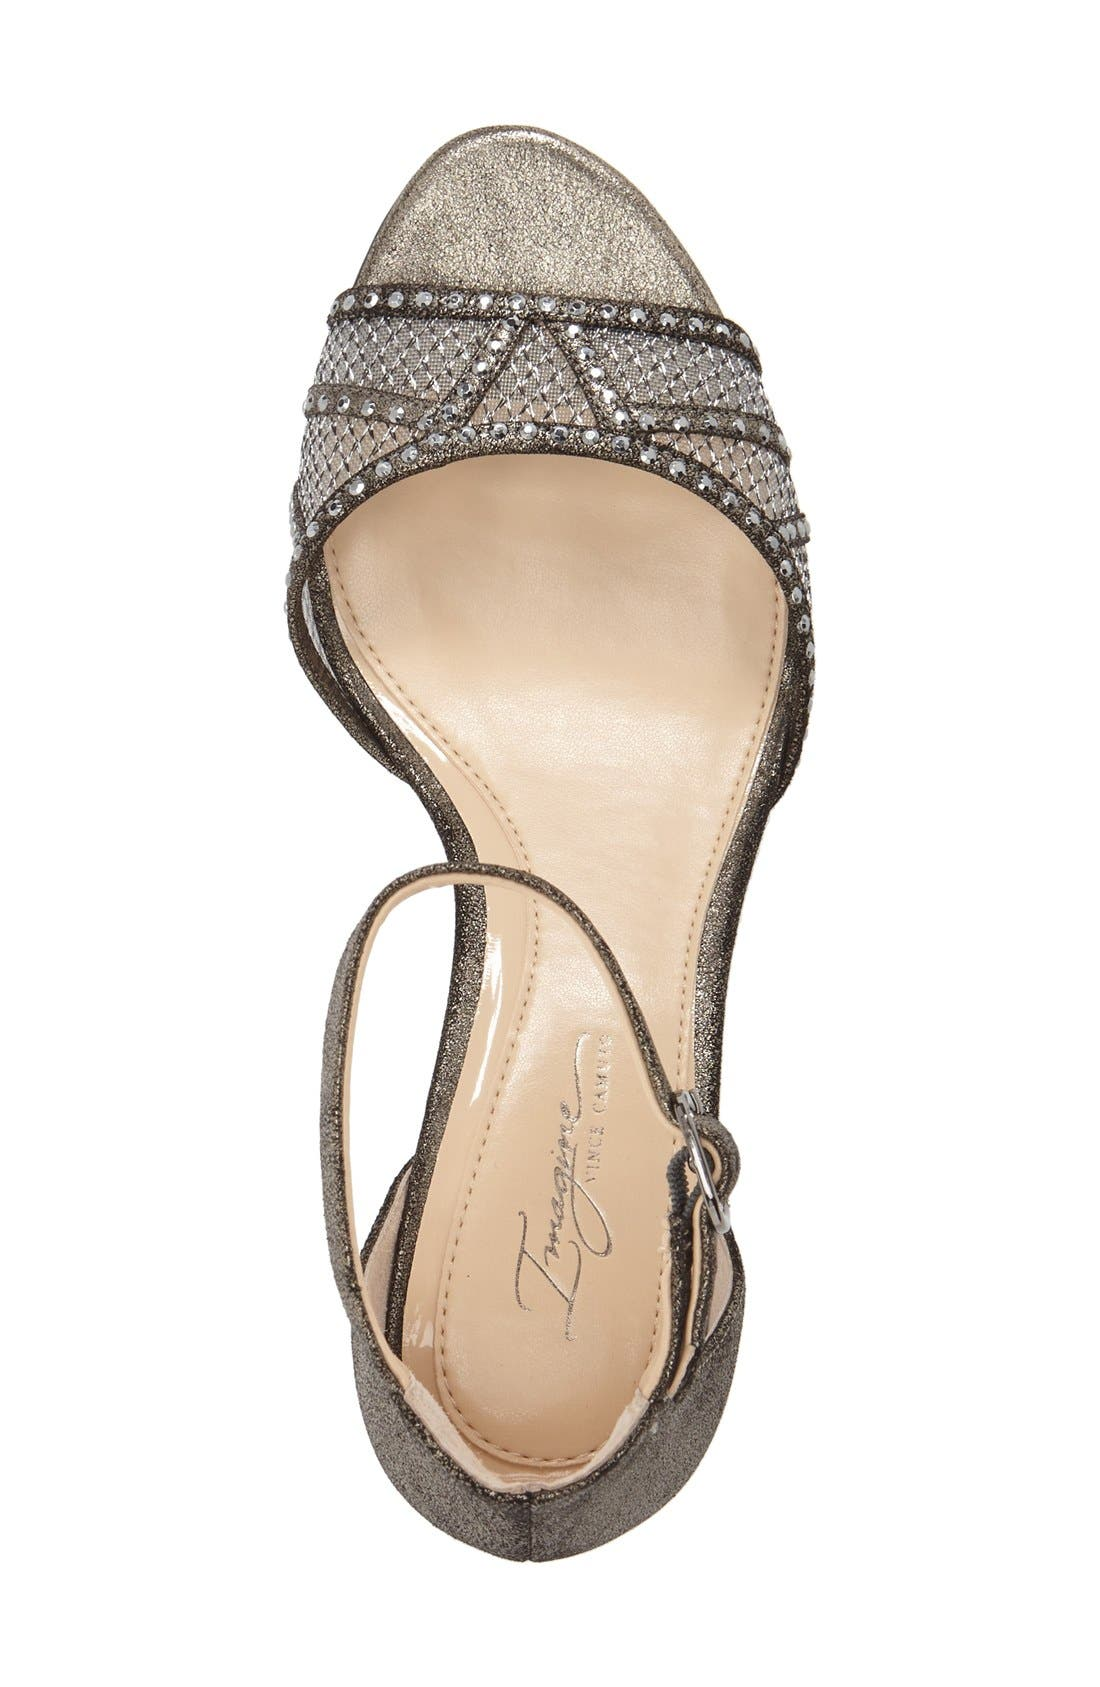 'Joan' Studded Wedge Sandal,                             Alternate thumbnail 3, color,